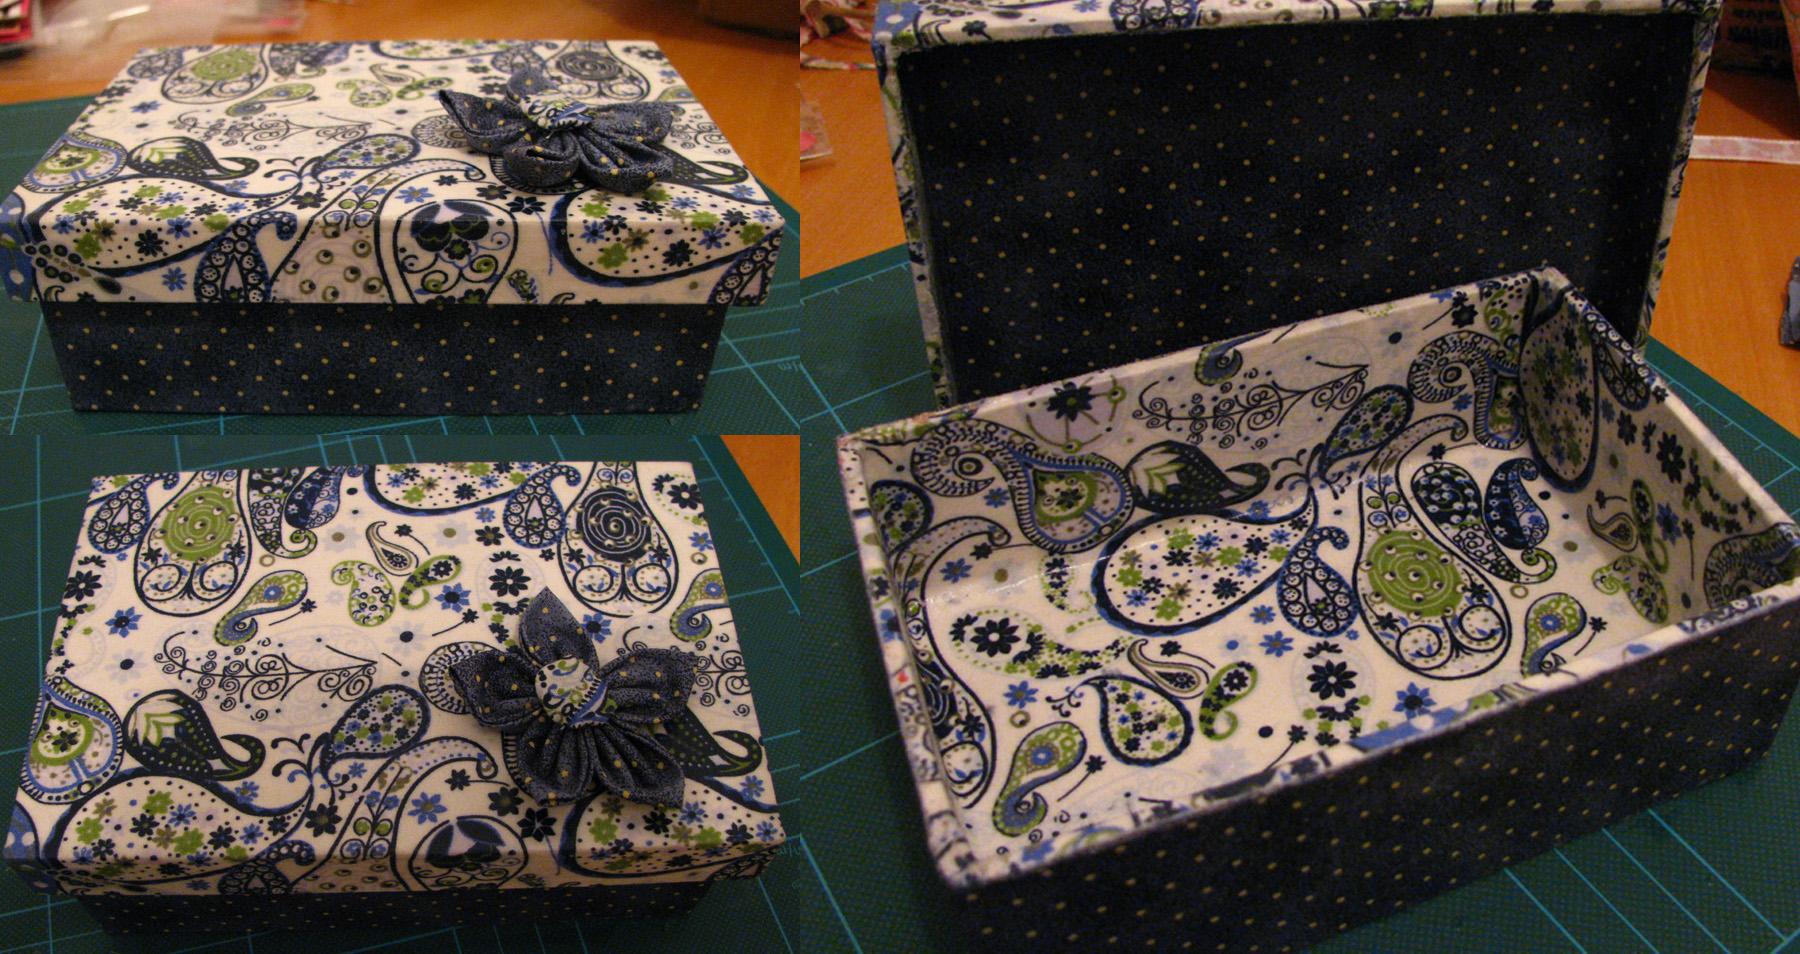 resultado da caixa de madeira decorada em tecido que eu fiz no curso  #B26118 1800x954